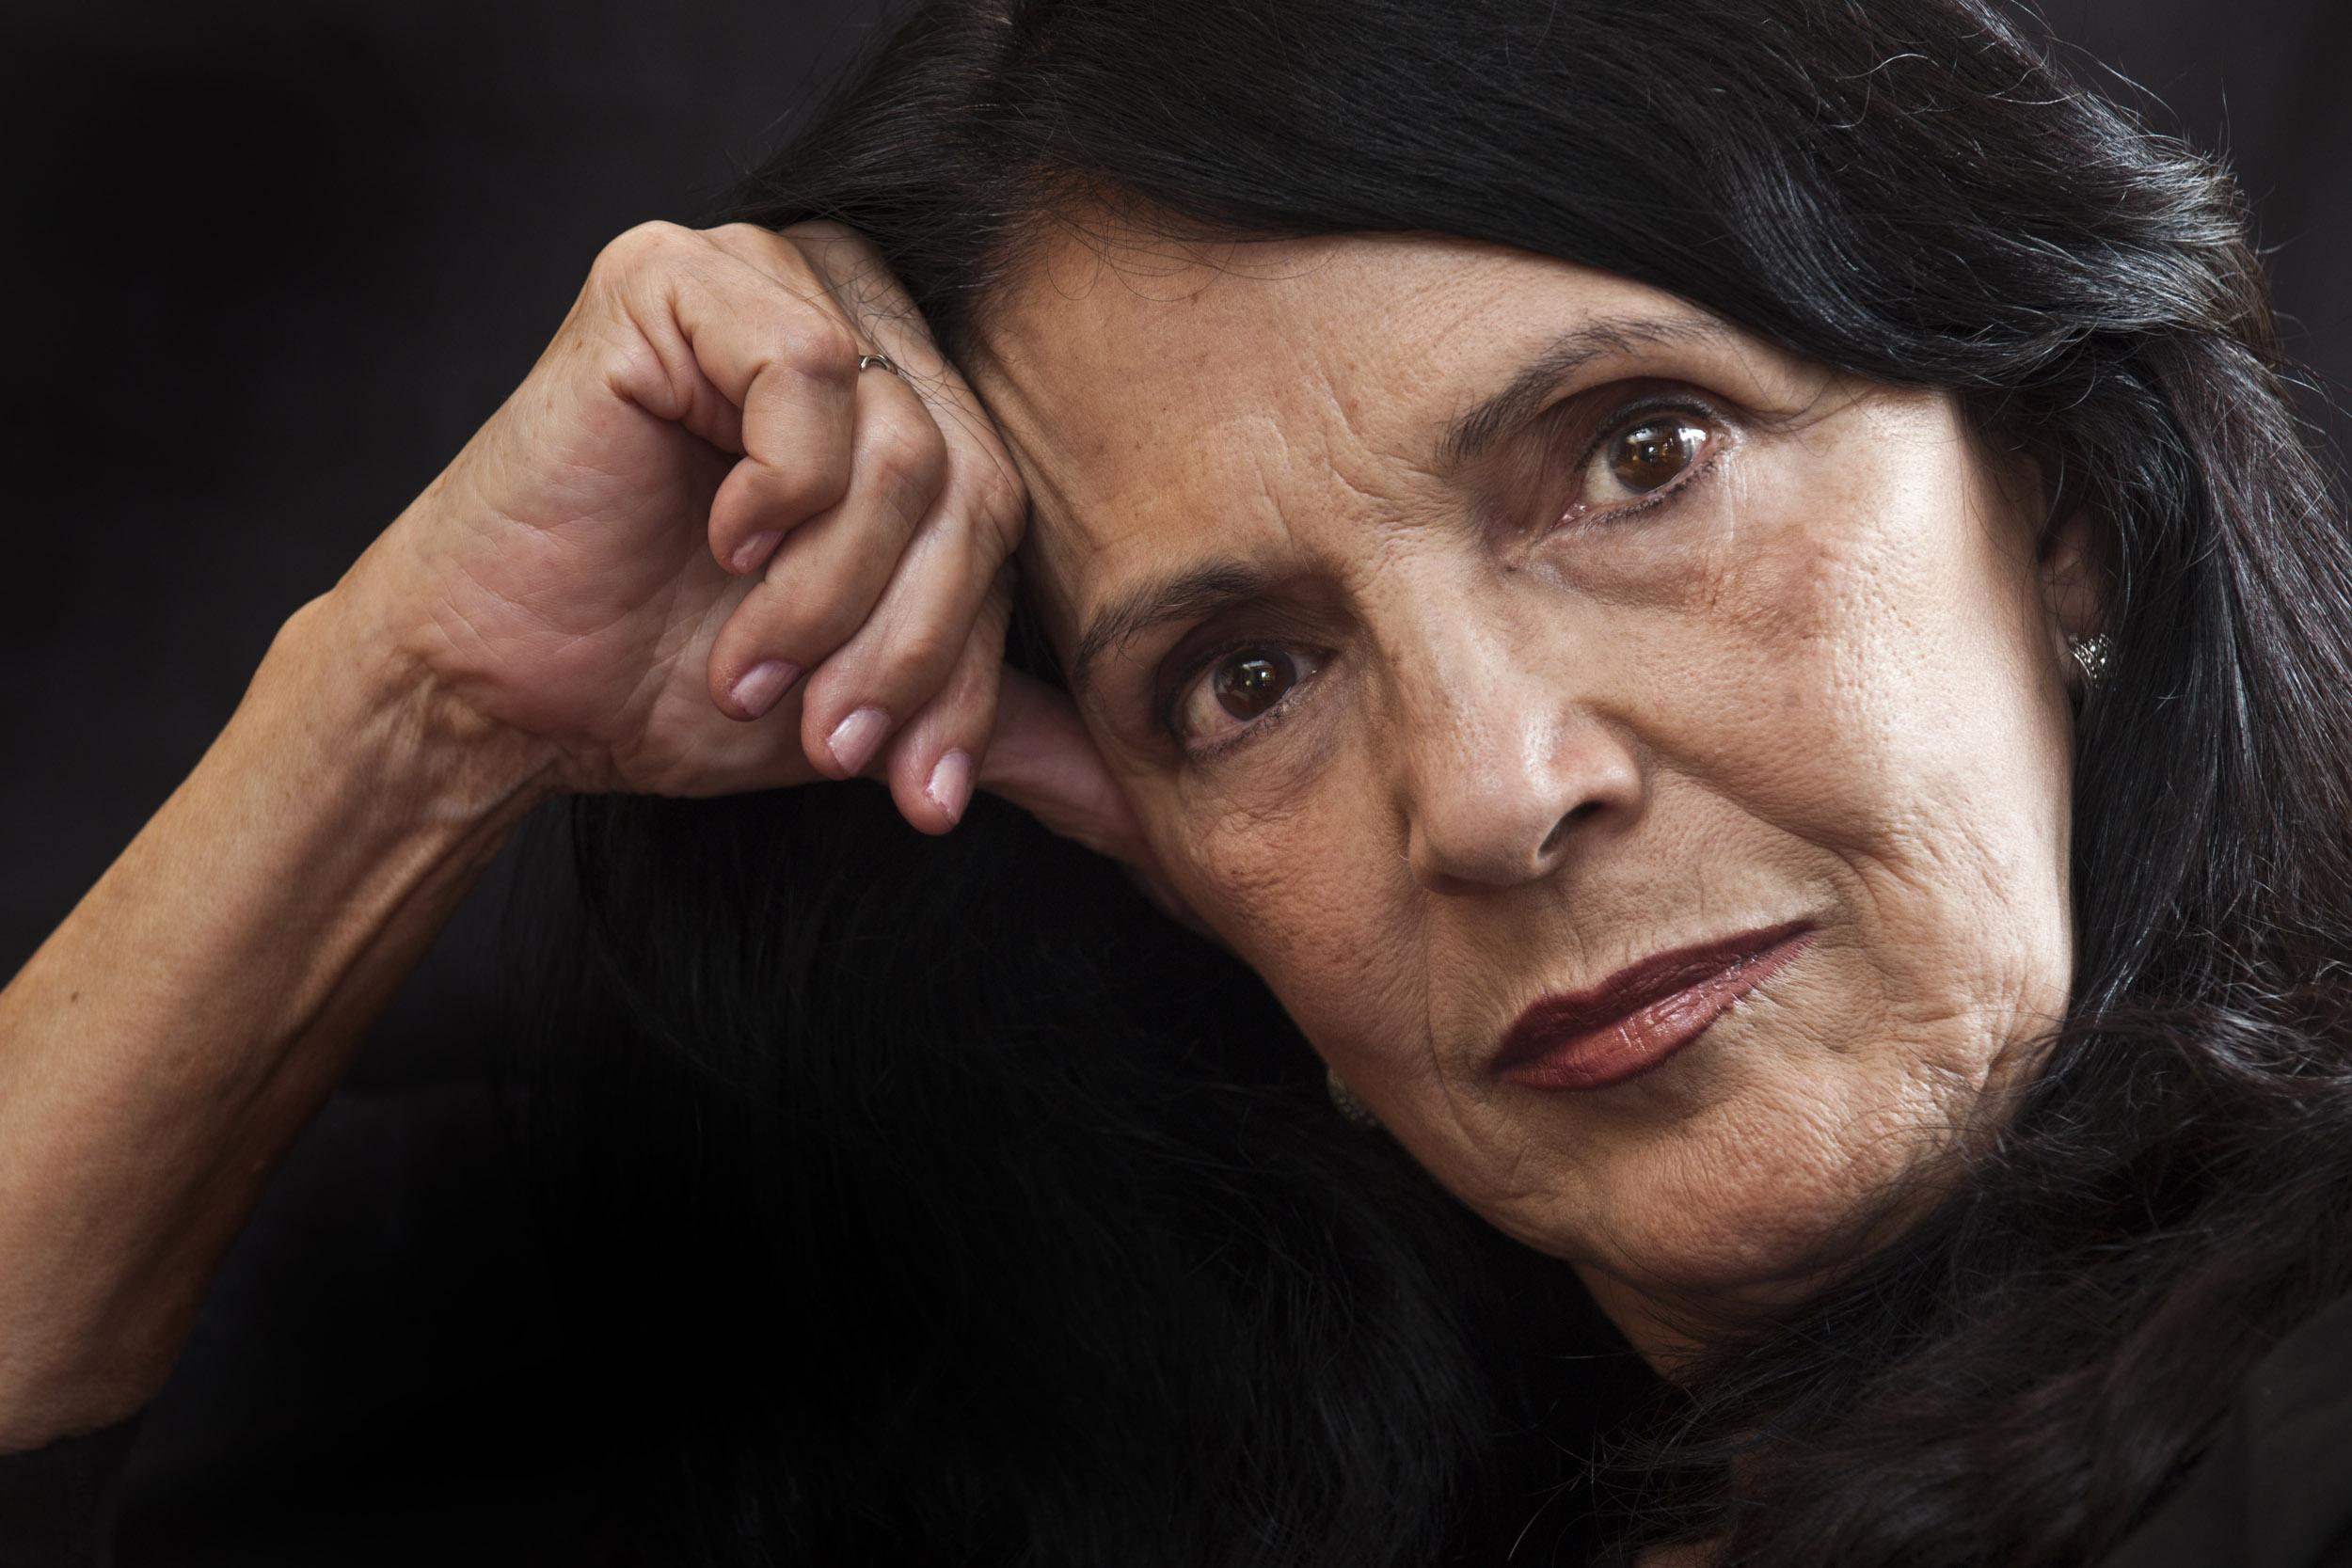 Eslinda Núñez, actress - Illuminated Cuba - Hector Garrido, Aerial and human photography